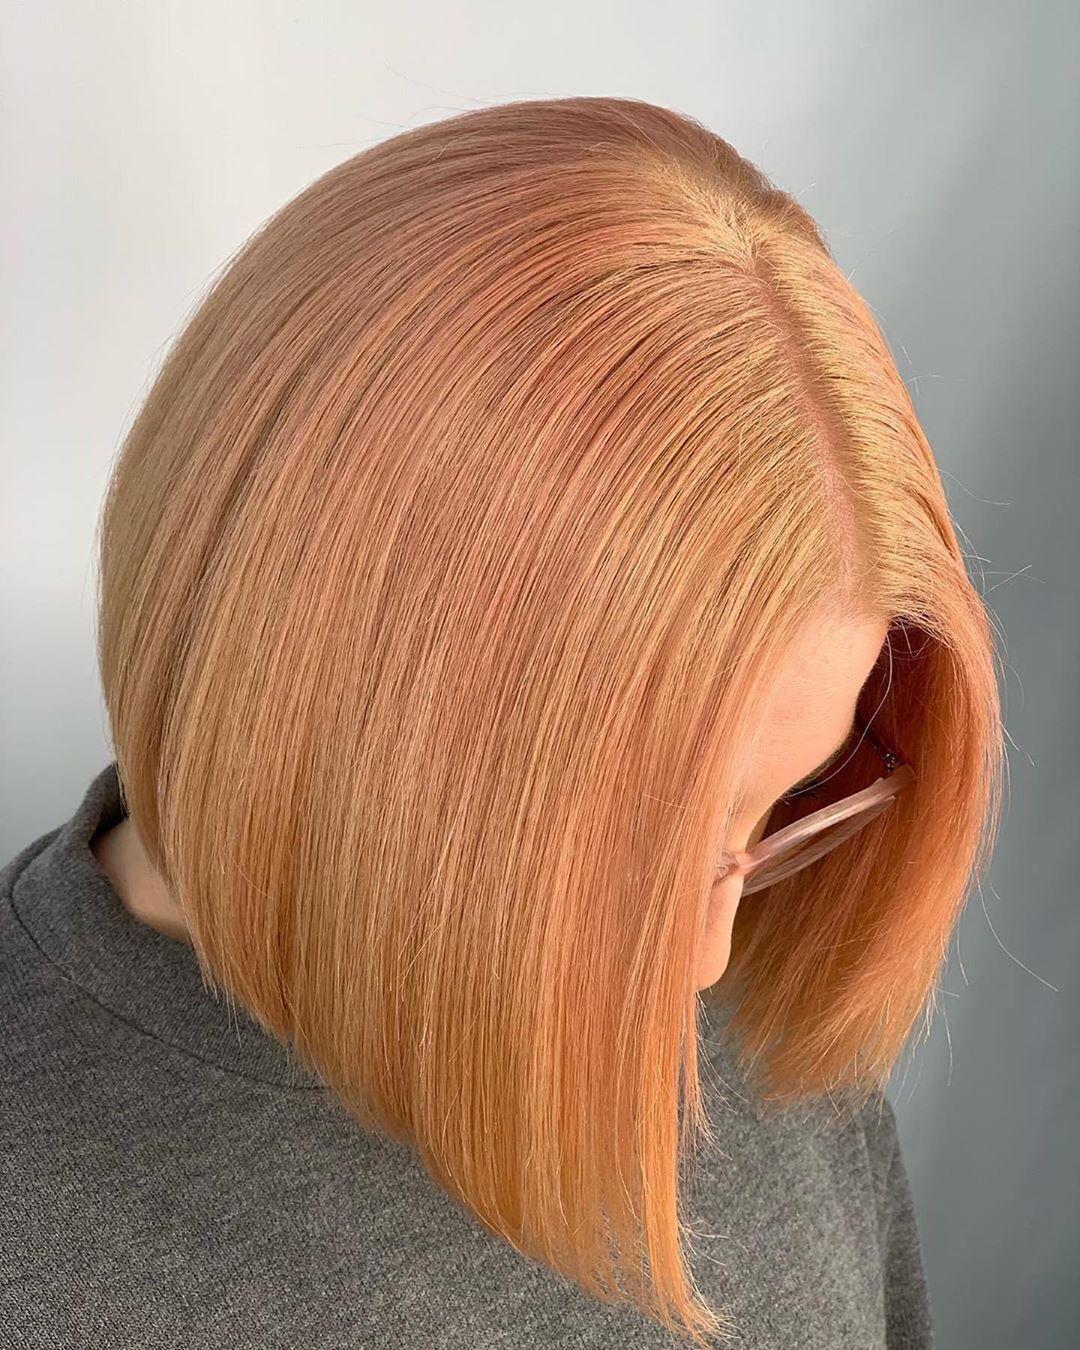 Стрижки после 40 лет на прямые волосы 2019-2020 фото 1